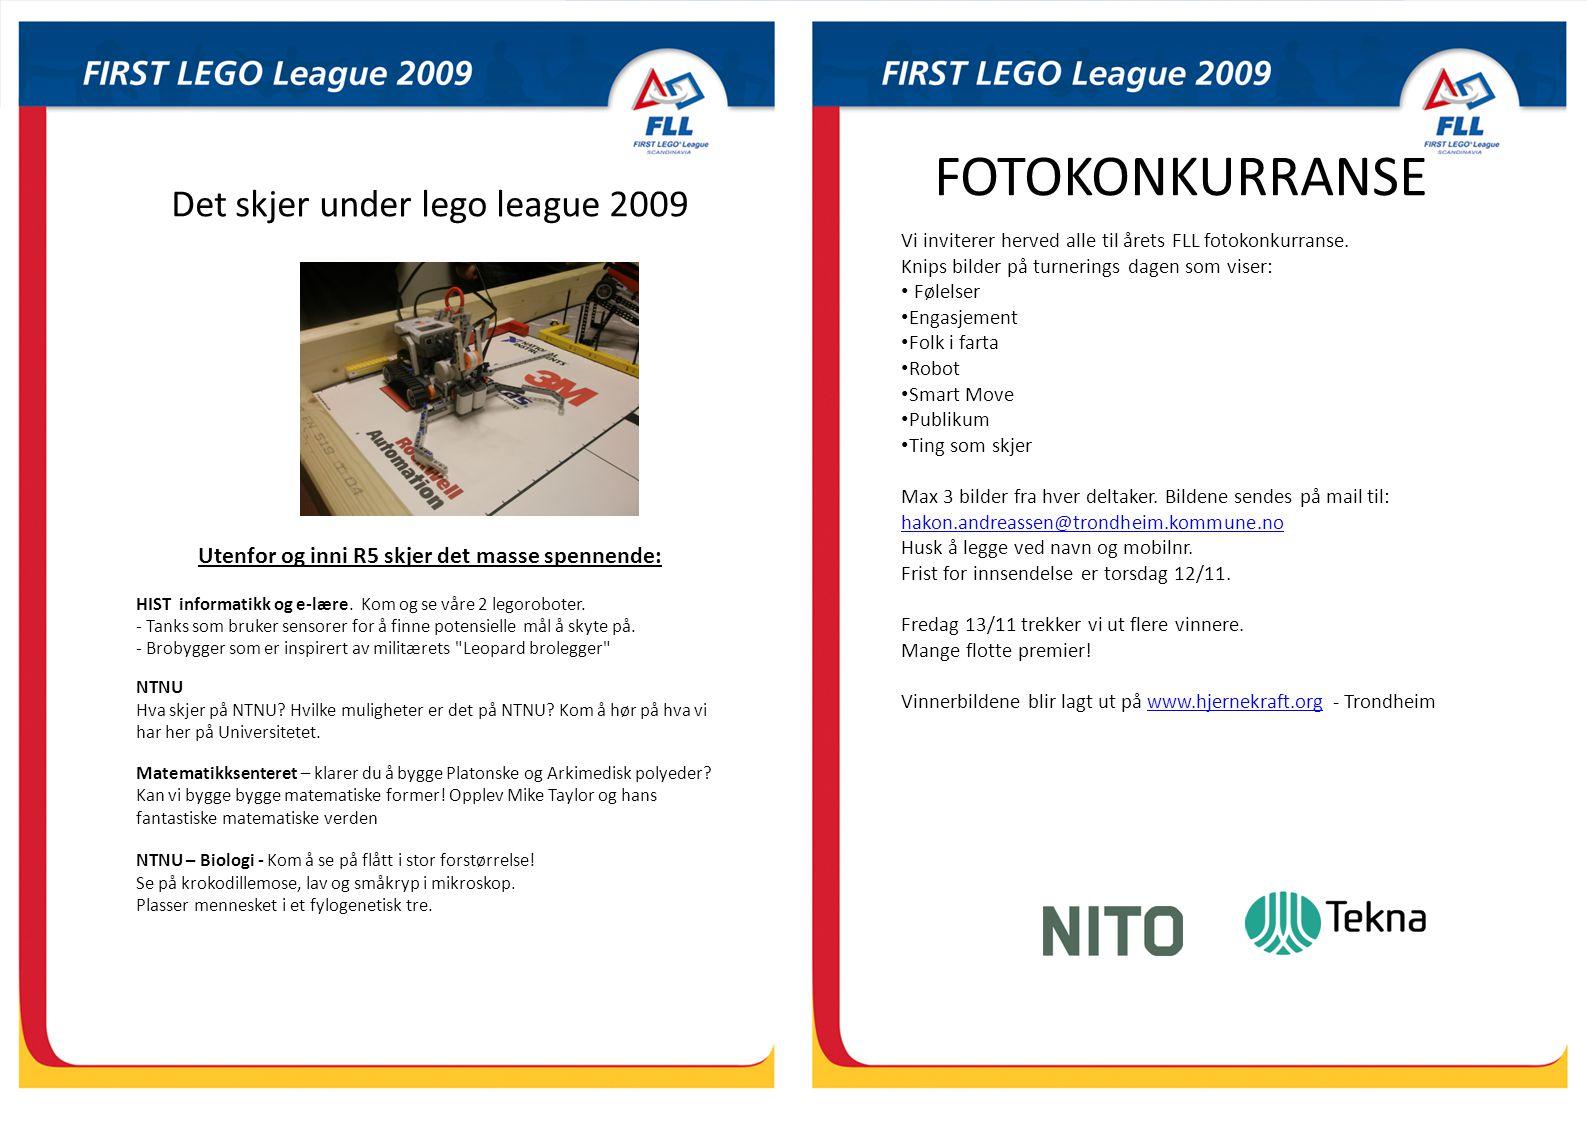 FOTOKONKURRANSE NTNU Hva skjer på NTNU? Hvilke muligheter er det på NTNU? Kom å hør på hva vi har her på Universitetet. Det skjer under lego league 20